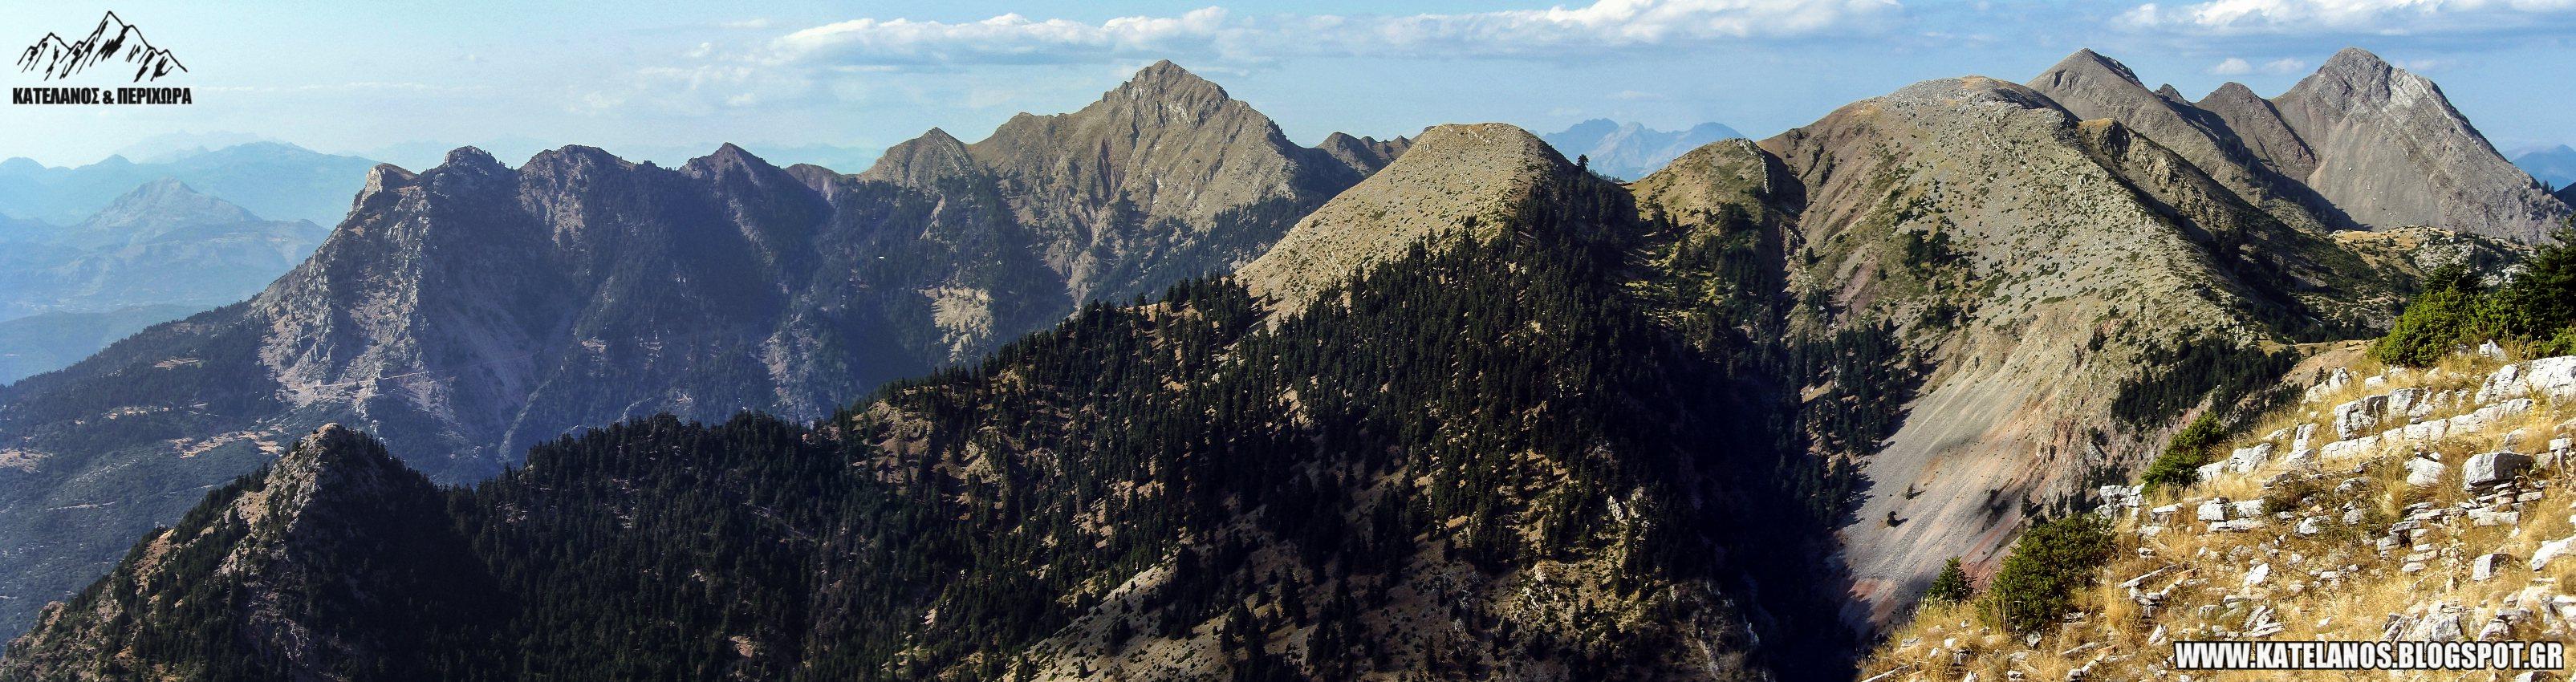 οροσειρα παναιτωλικο ορος κορυφες βουνα αιτωλοακαρνανιας